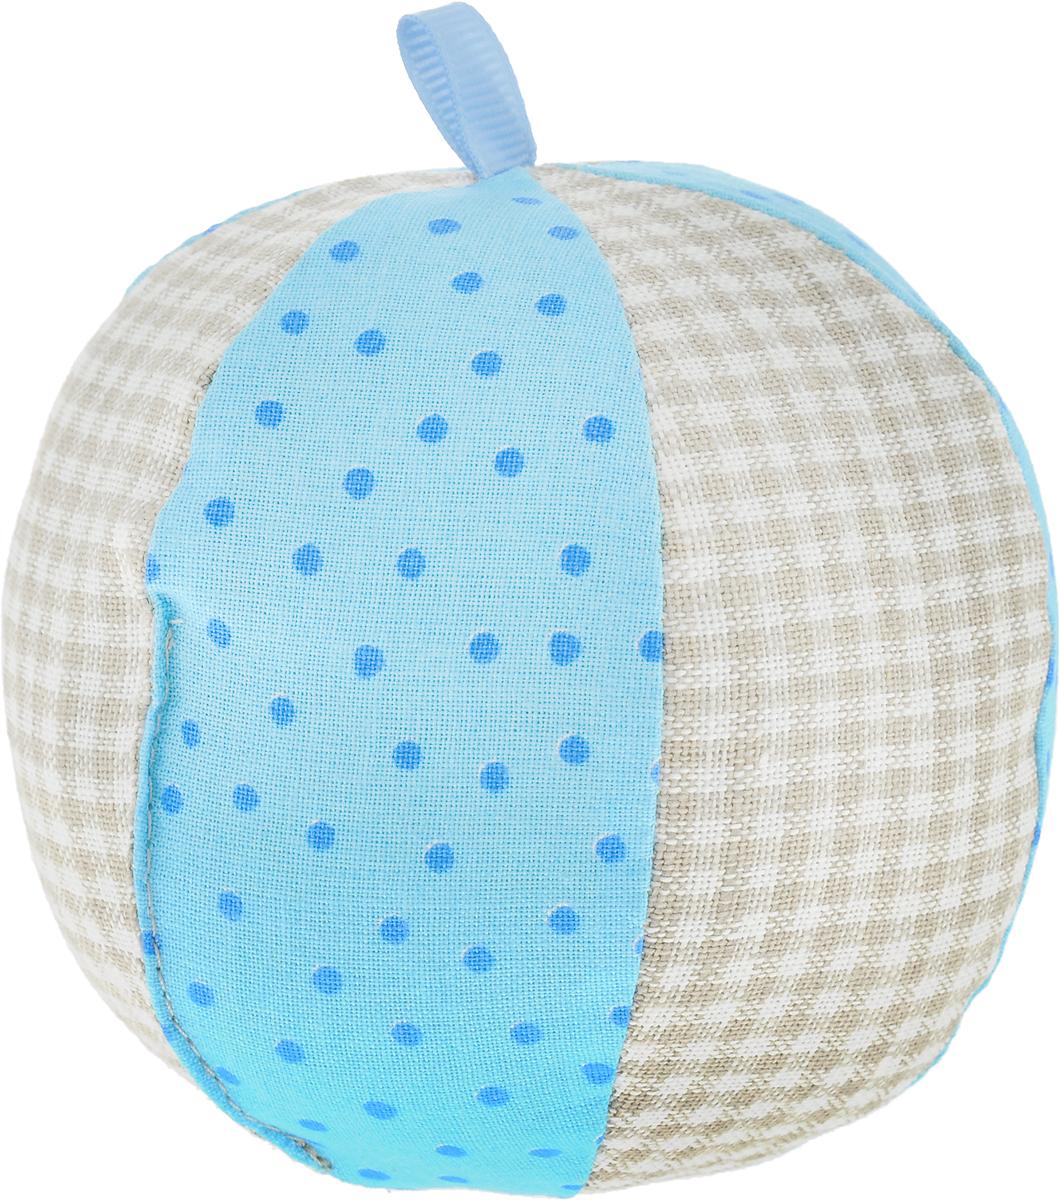 Мякиши Развивающая игрушка ЭкоМякиши Мячик цвет голубой362_голубойЭко Мячик серии ЭкоМЯКИШИ с погремушкой – это яркая и безопасная игрушка из натуральных, экологичных материалов. В комплектности 1 мячик из хлопка и льна. Сочетание тканей и природных оттенков натурального льна делает этот мячик особенно нарядным.Игрушка упакована в стильную, экологичную крафтовую упаковку.Оптимальный размер, яркие цвета и разные фактуры тканей, звуковой элемент – всё это будет способствовать развитию малыша, совершенствованию мелкой моторики, эмоциональному, цветовому, звуковому, и тактильному восприятию Вашего малыша.Ваш ребенок сможет играть в мяч и извлекать из мячика звук, благодаря погремушке. Сможет различать силу звука и извлекать звуки нужной громкости потряхиванием, сжатием, киданием и катанием мячика.